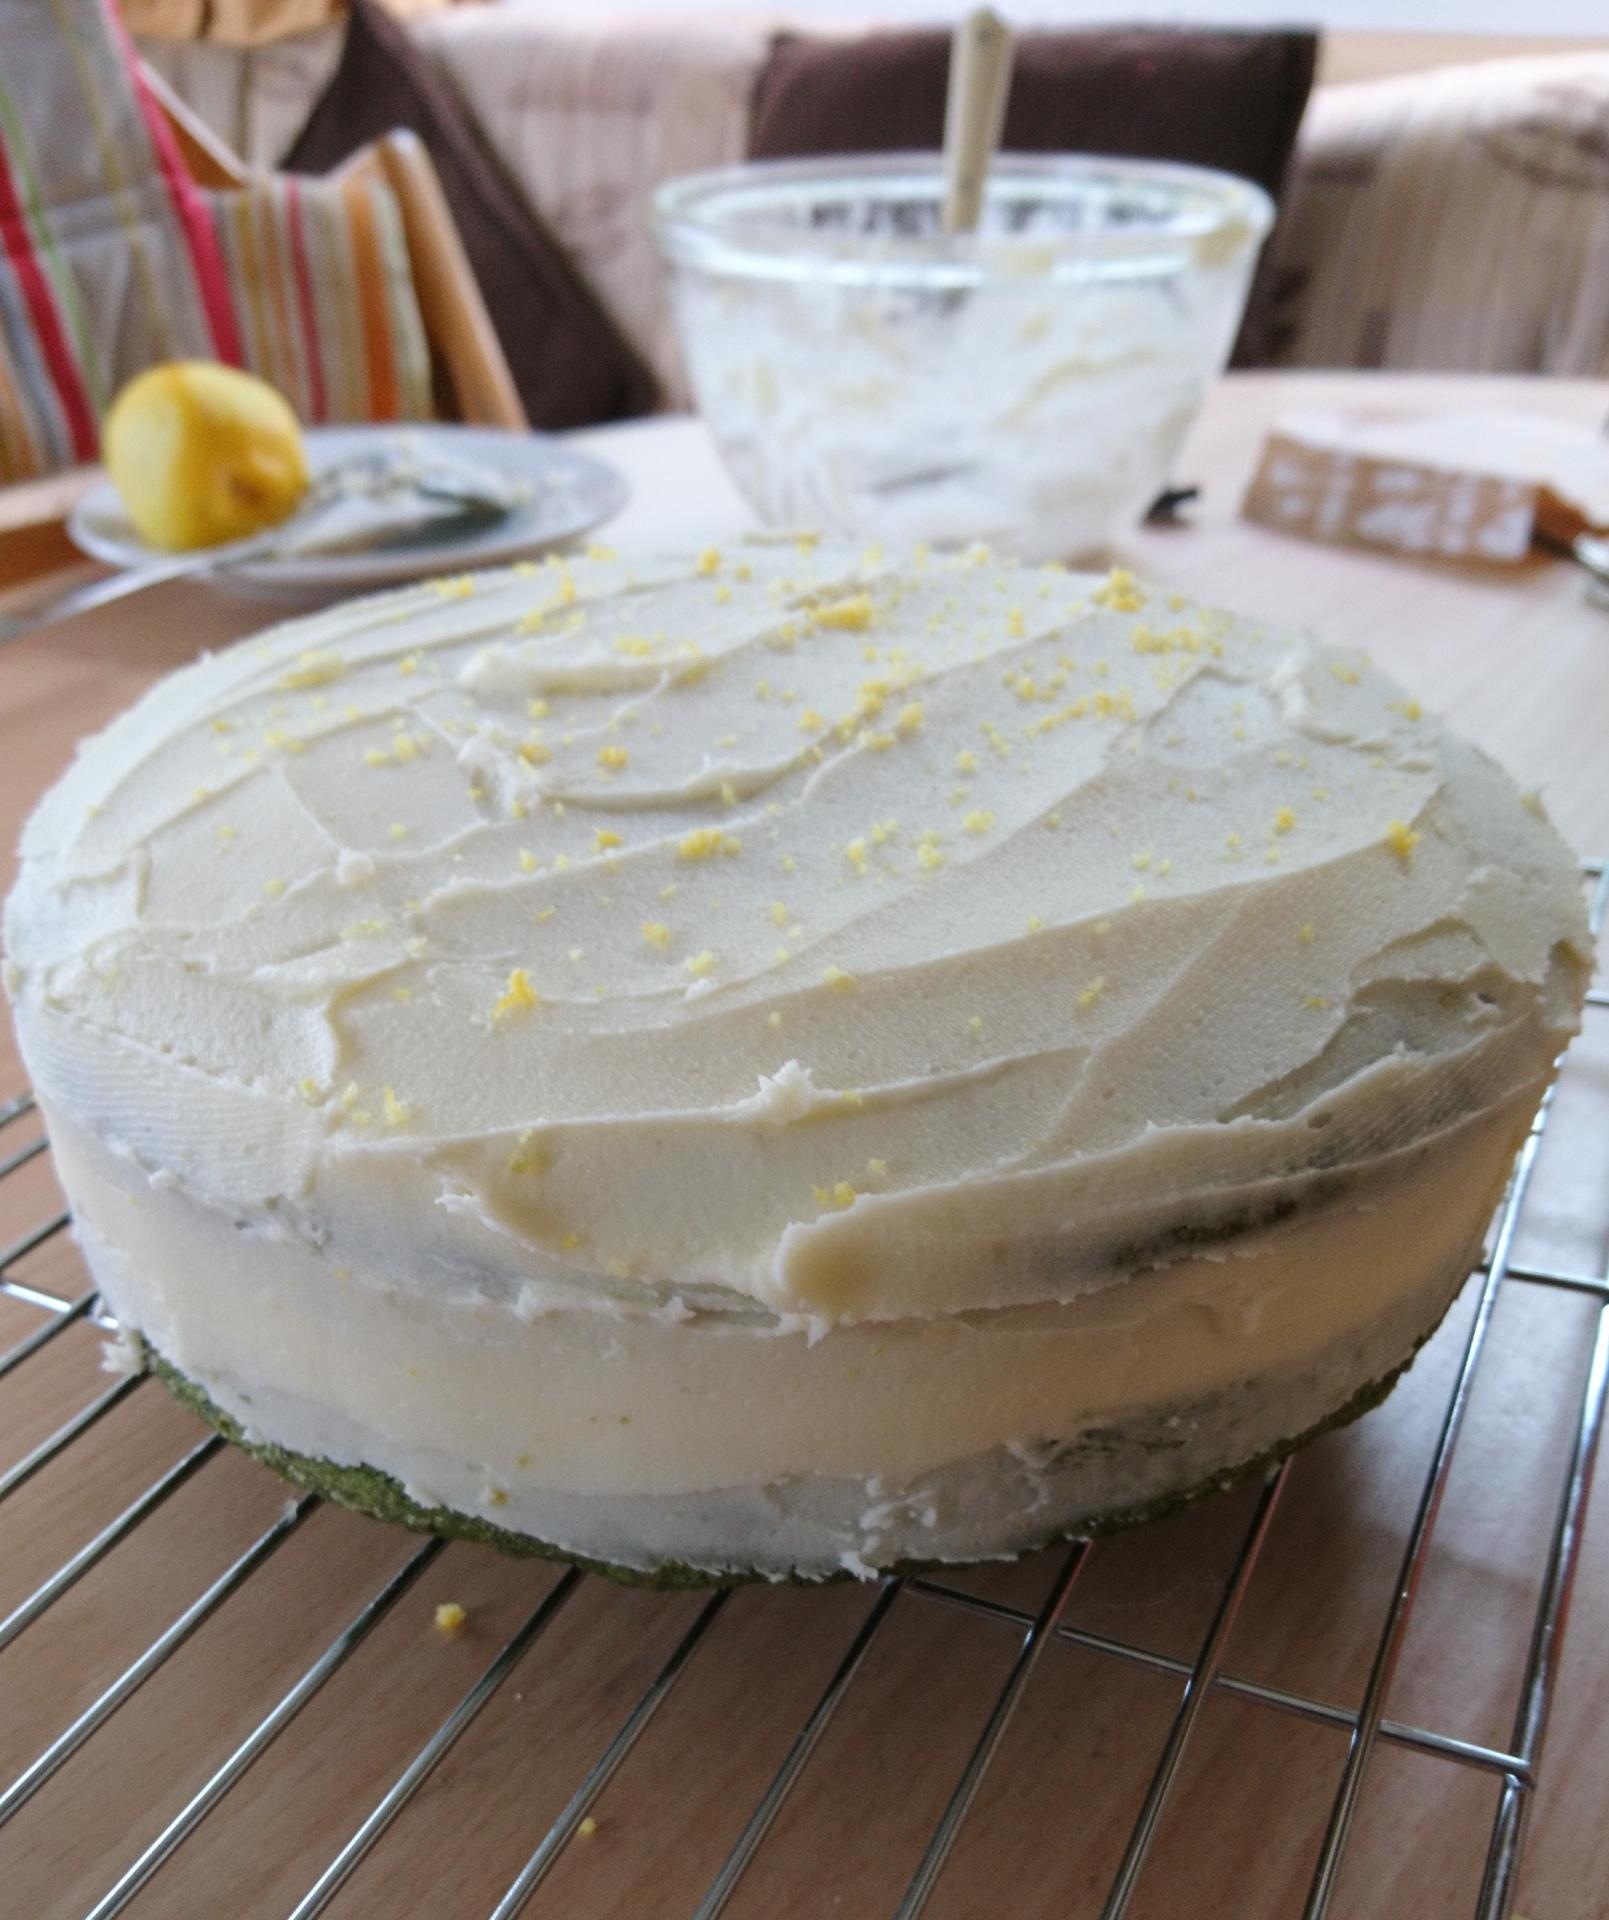 Nettle & Lemon Cake Recipe